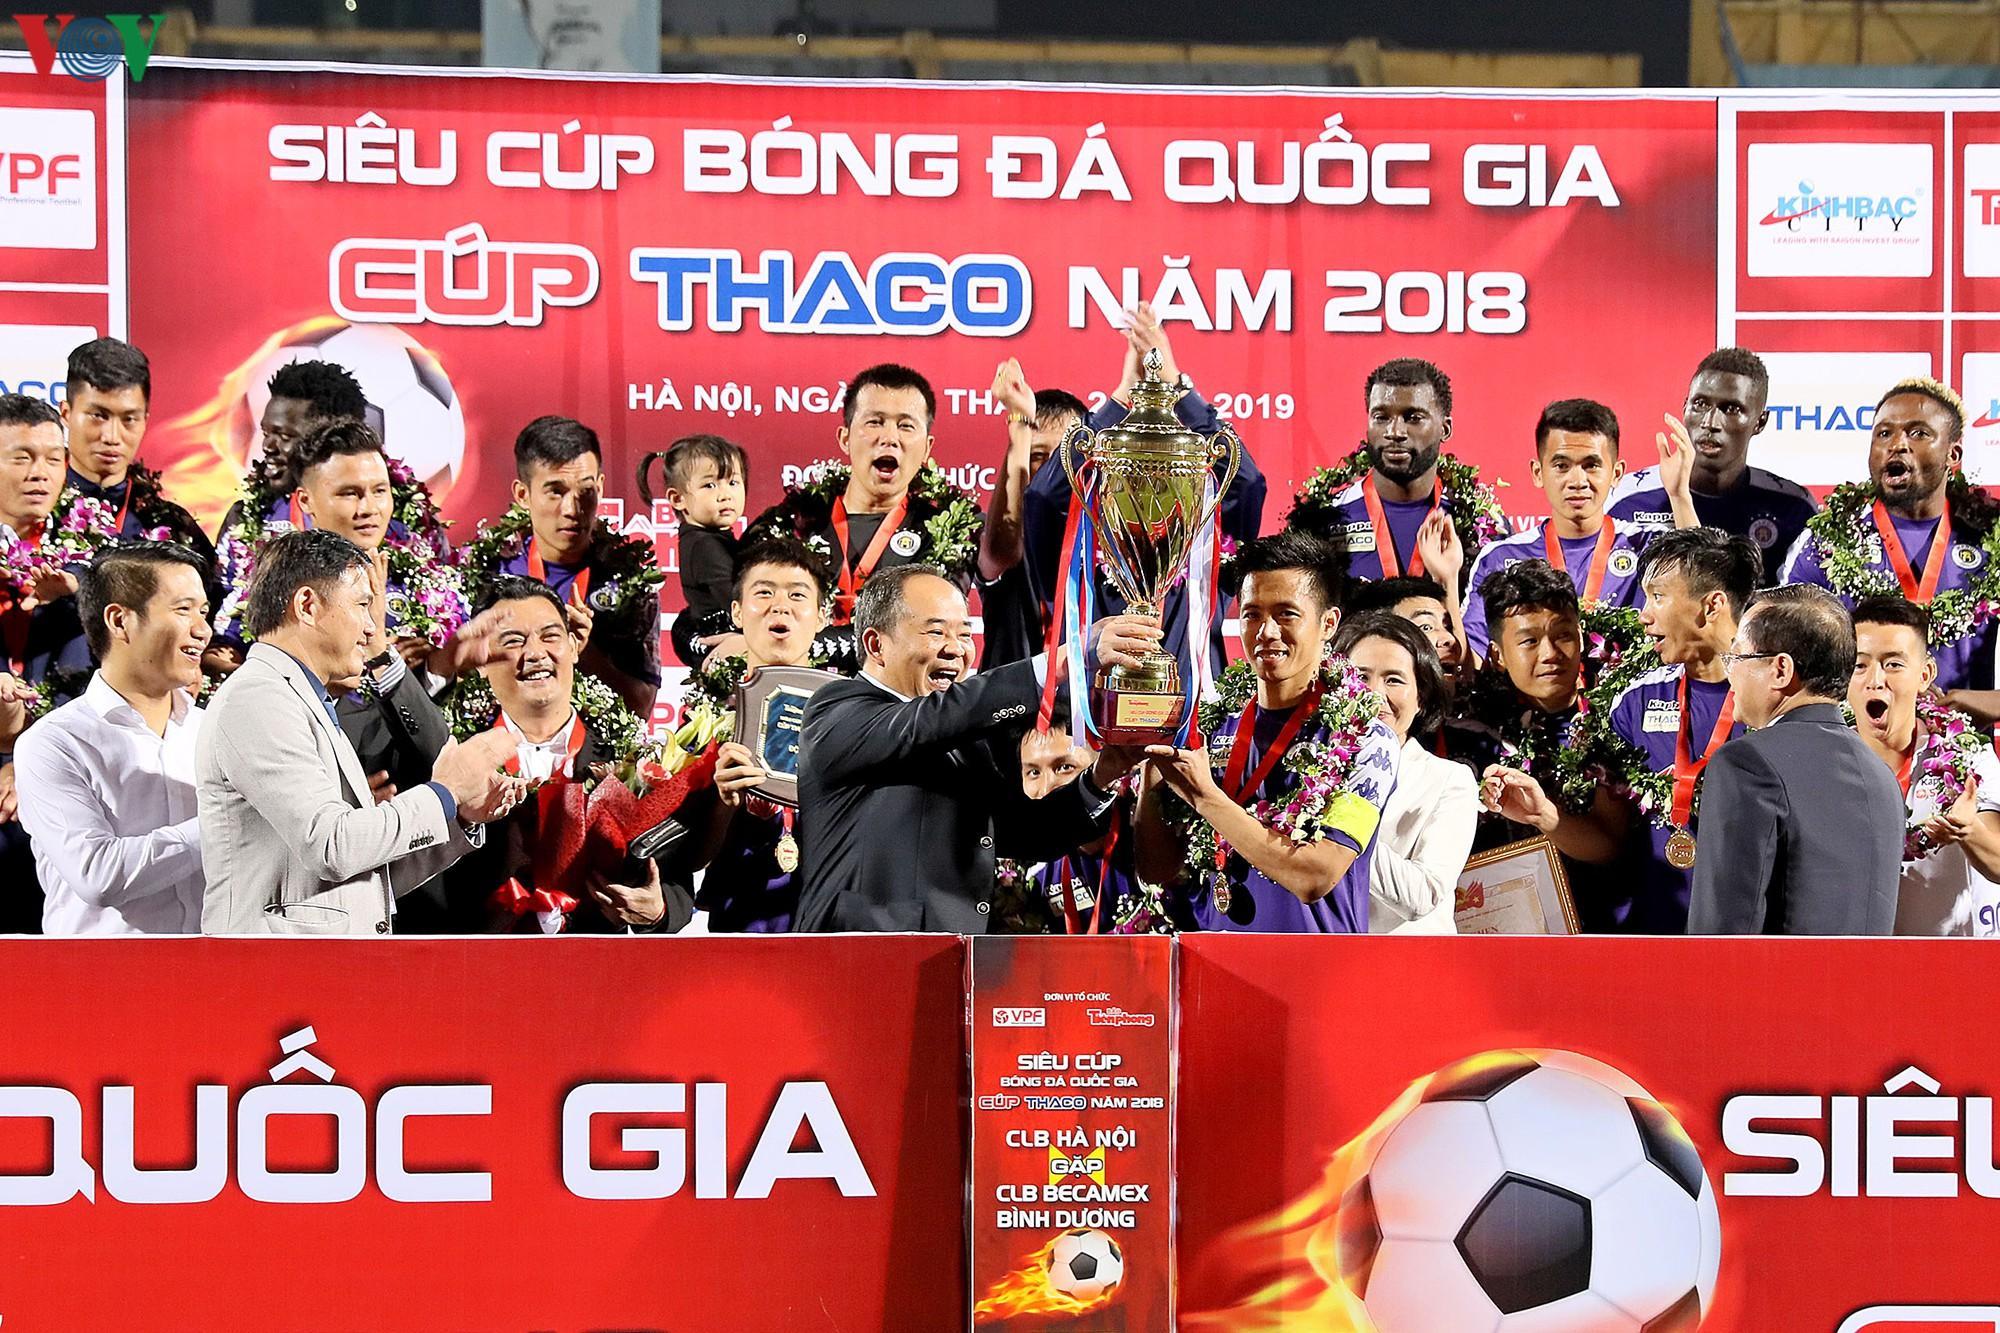 Hà Nội FC giành Siêu cúp Quốc gia: 'Chiến thư' gửi Shandong Luneng